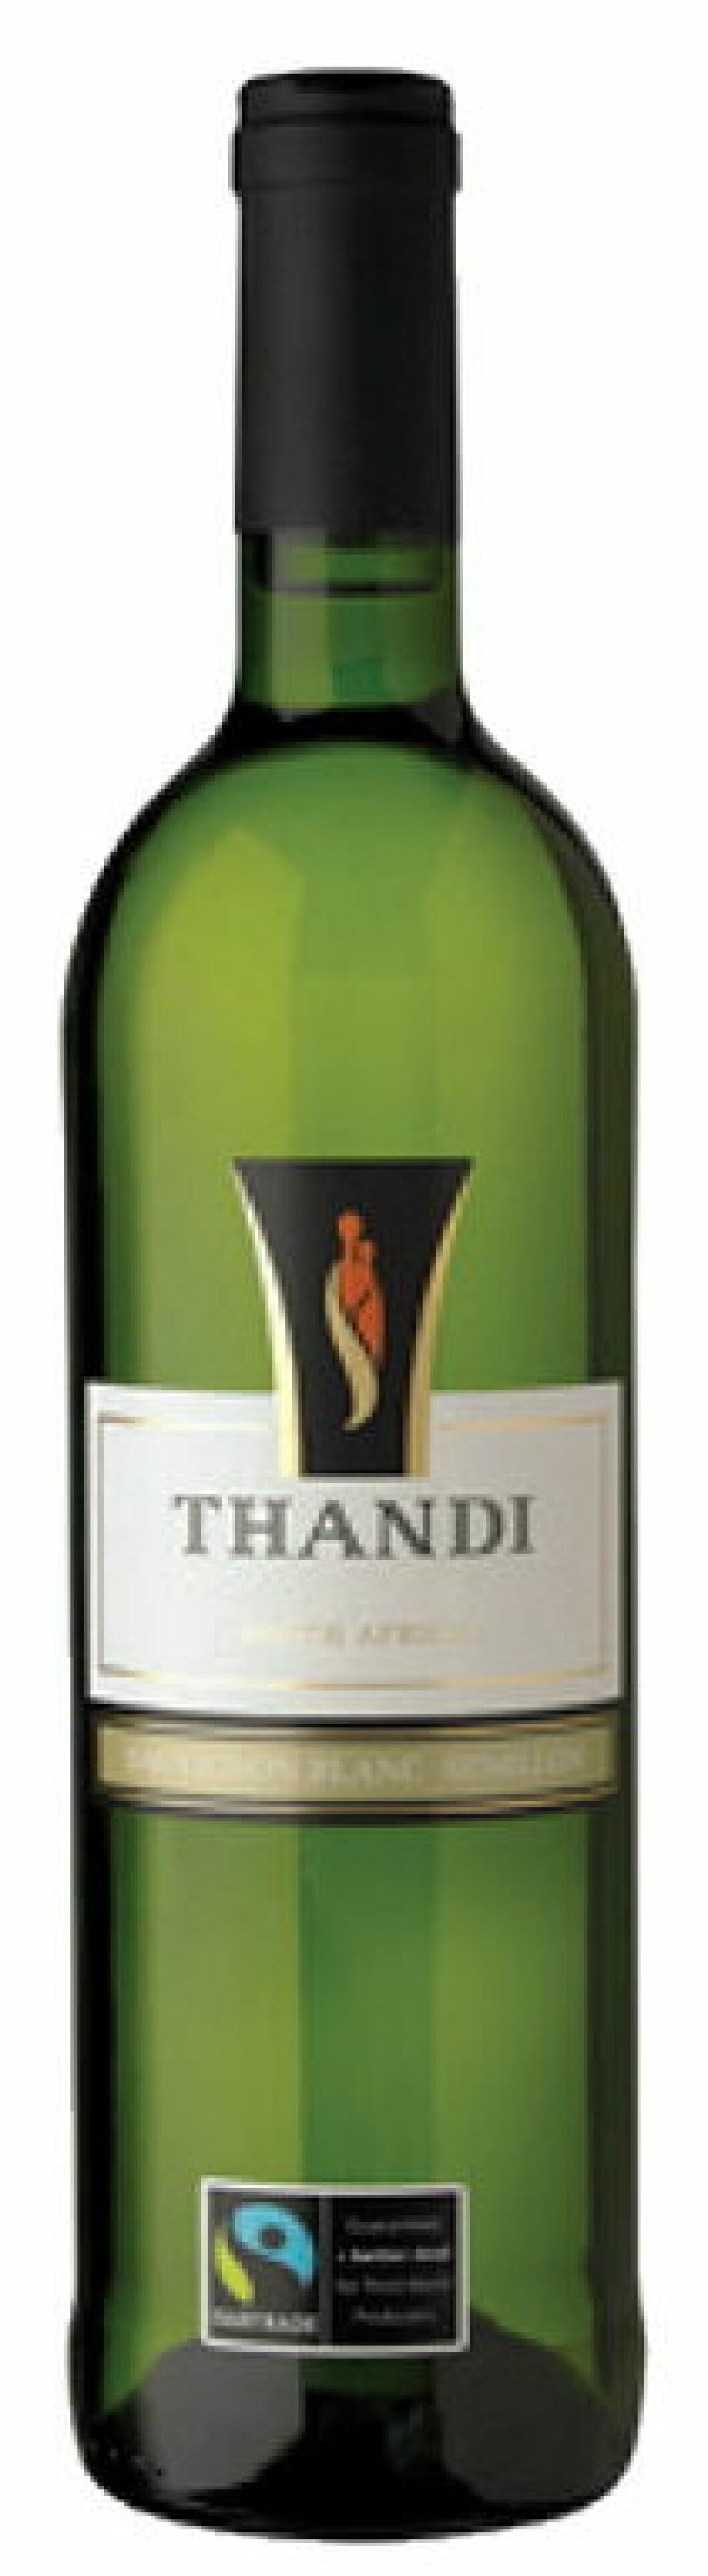 Thandi Chardonnay Chenin Blanc nett